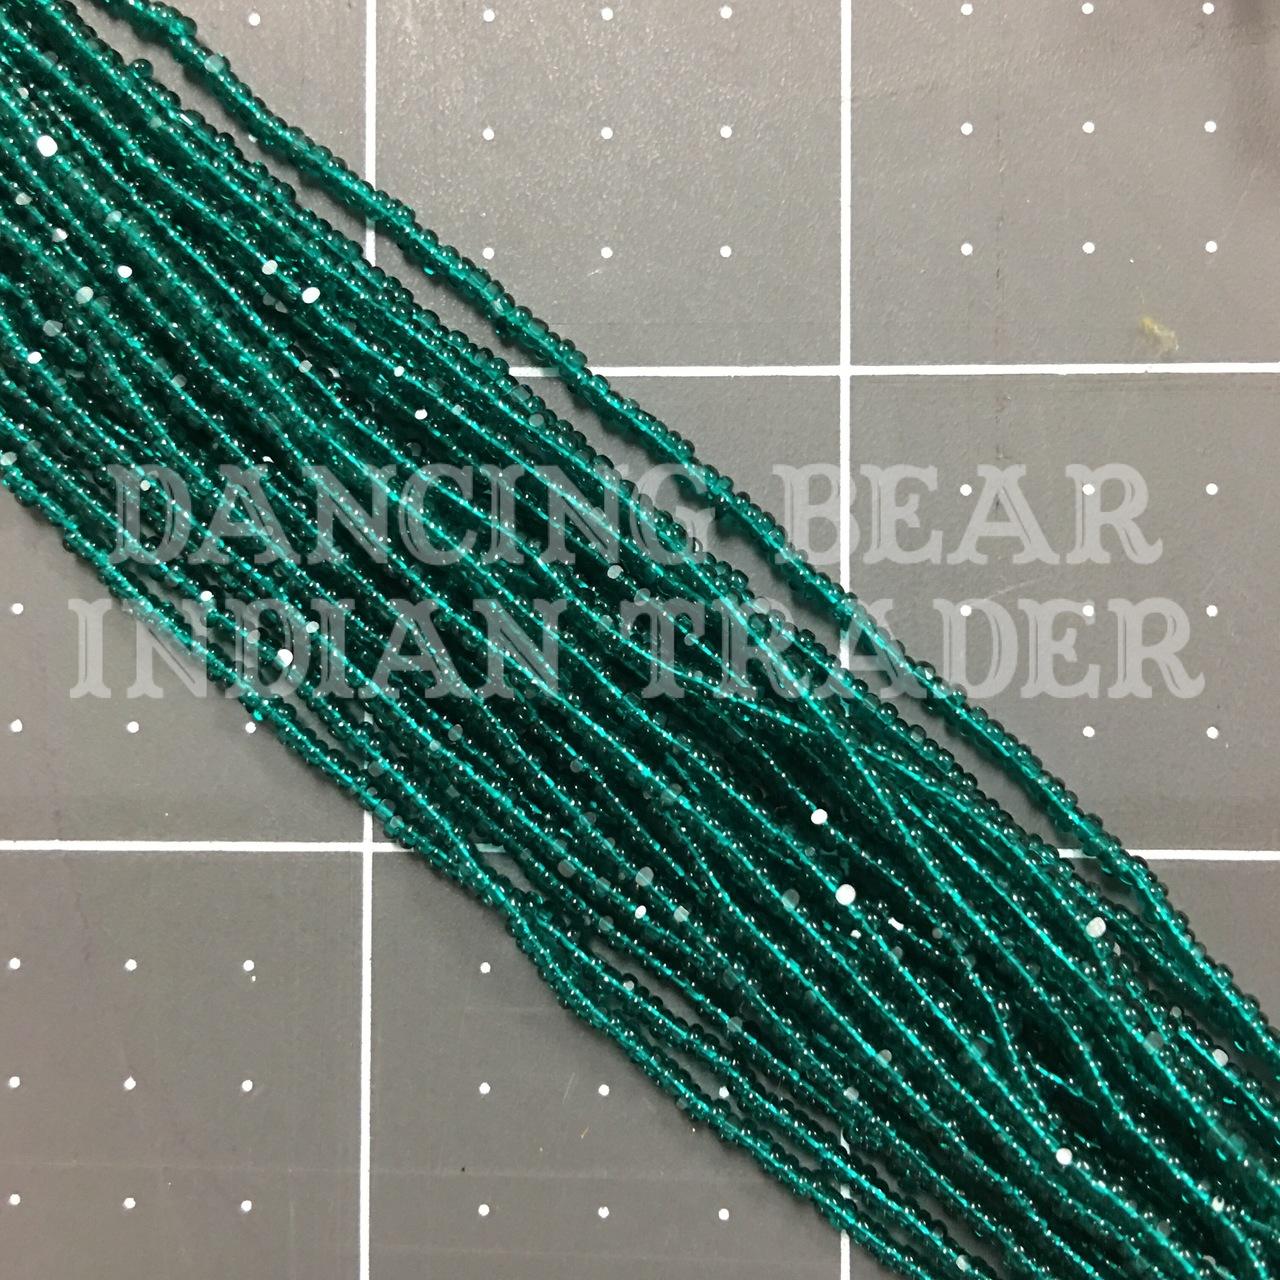 13c-215TR Transparent Emerald Green